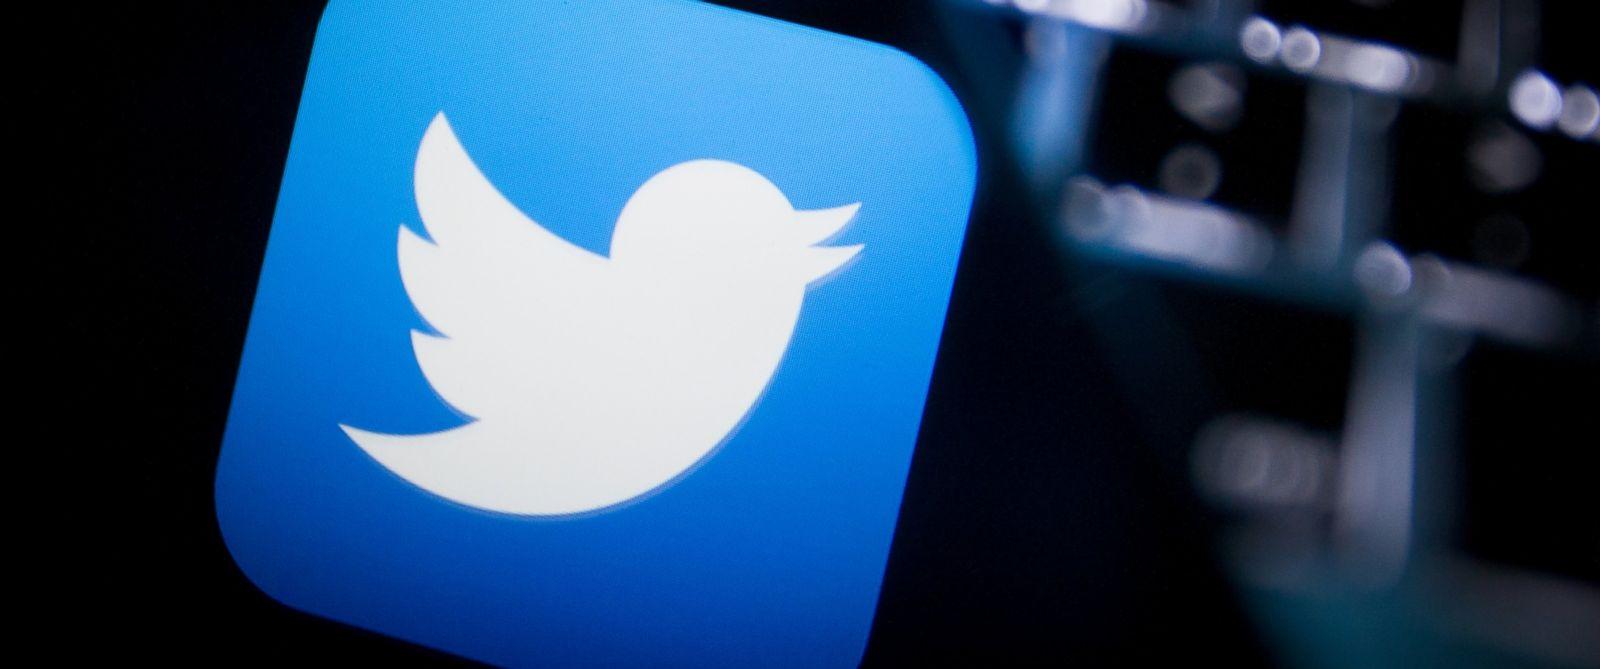 Секретный аккаунт Елбасы и Твиттер аккаунты госслужащих и госорганов